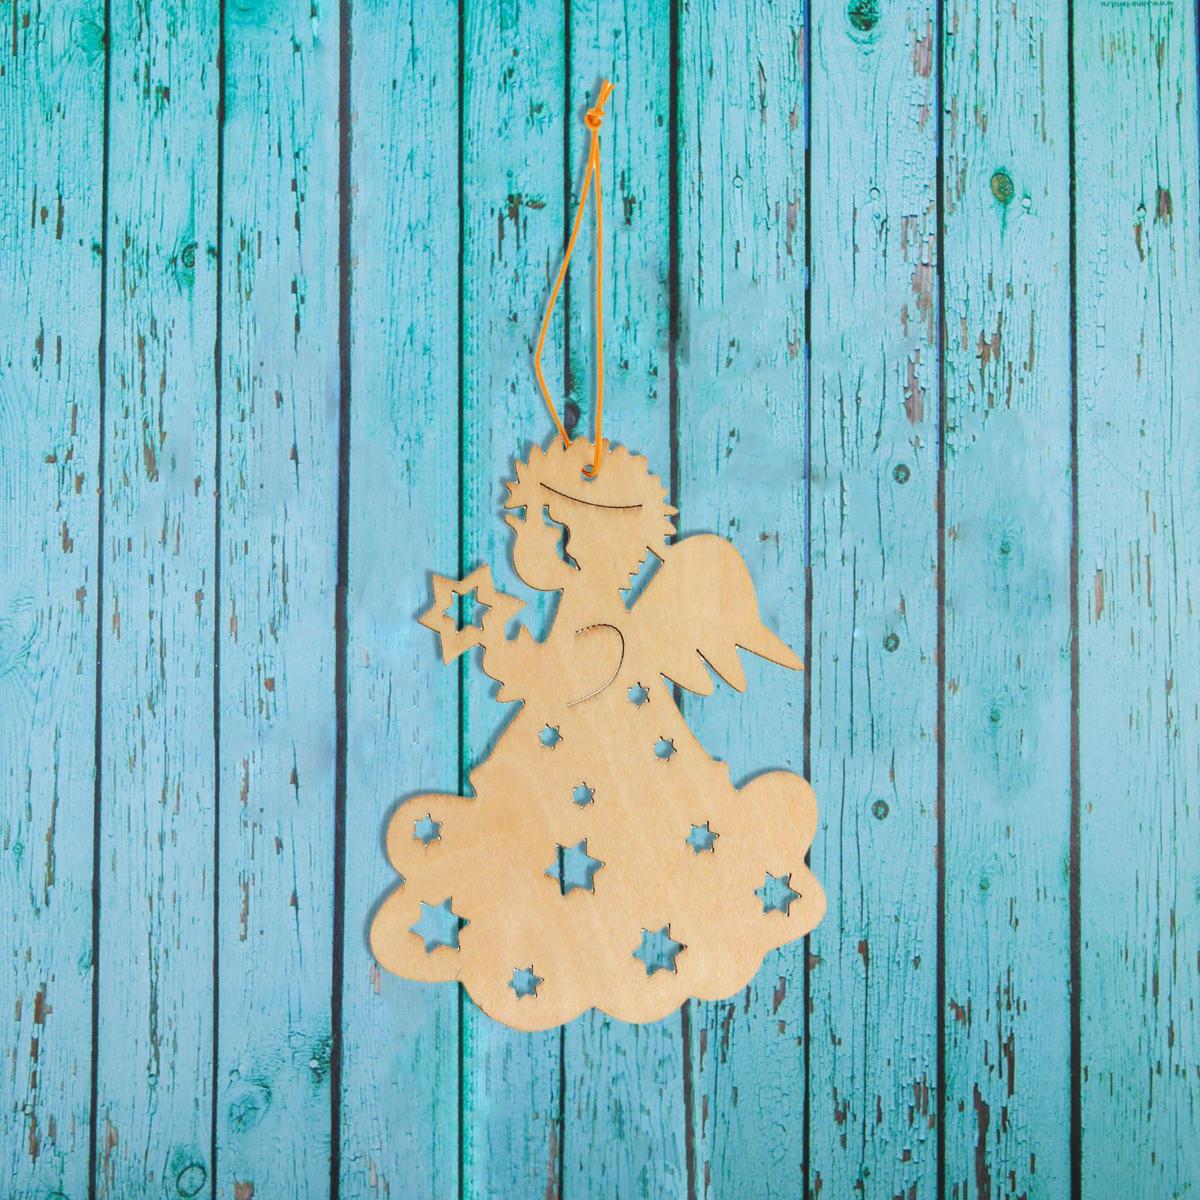 Новогоднее подвесное украшение Sima-land Ангелочек, под роспись, 8 х 10 см1393695Новогоднее подвесное украшение Sima-land отлично подойдет для декорации вашего дома и новогодней ели. Новогоднее украшение можно повесить в любом понравившемся вам месте. Но, конечно, удачнее всего оно будет смотреться на праздничной елке.Елочная игрушка - символ Нового года. Она несет в себе волшебство и красоту праздника. Такое украшение создаст в вашем доме атмосферу праздника, веселья и радости.